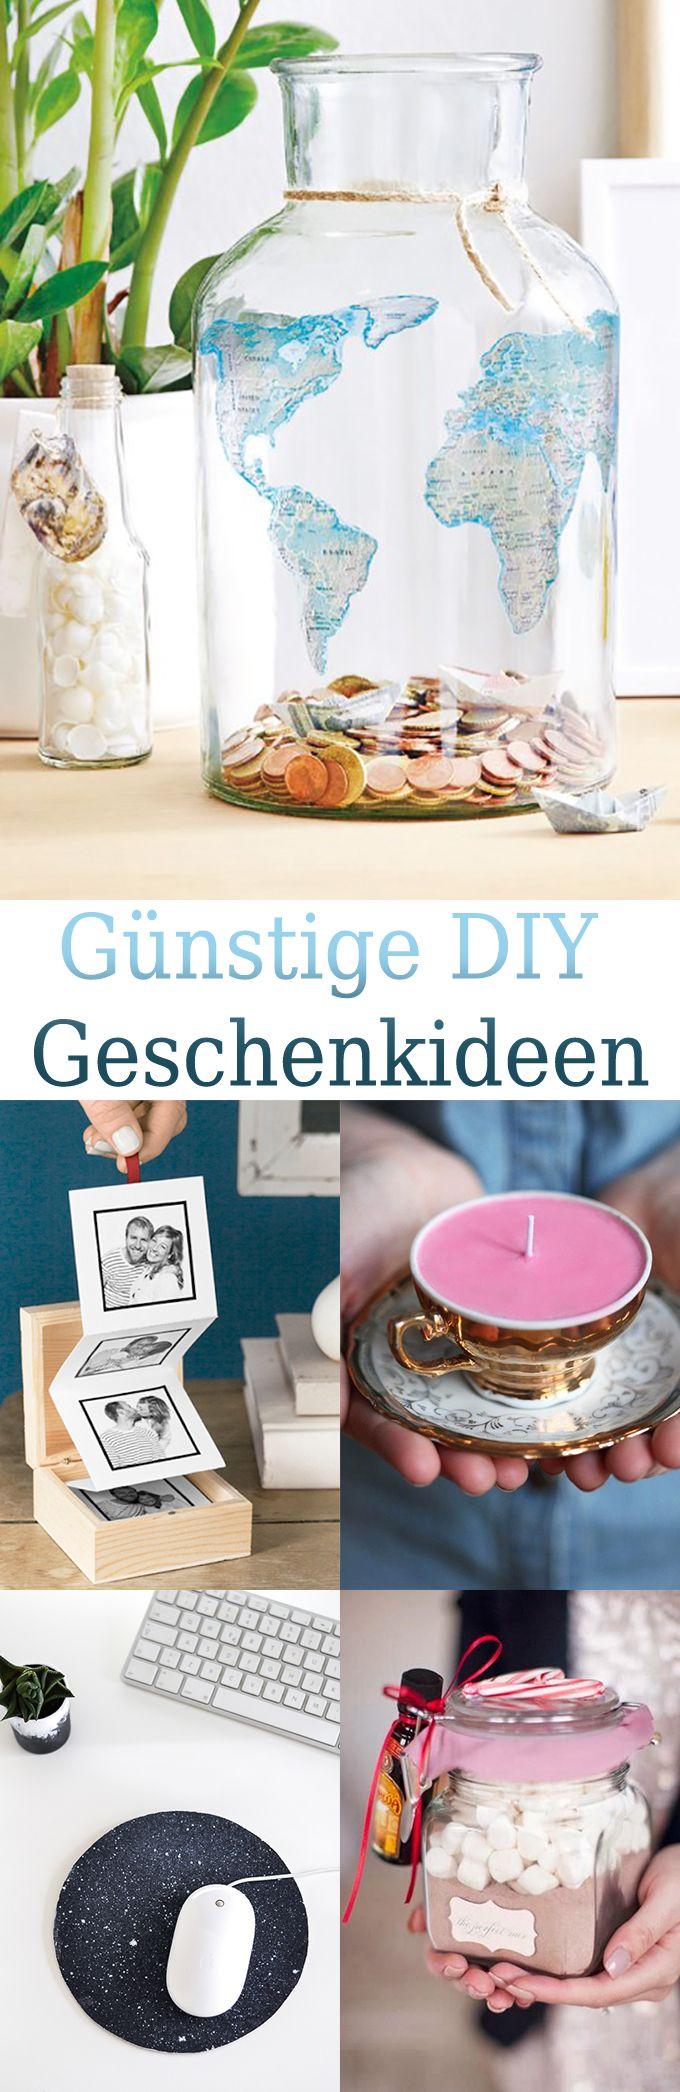 Günstige Geschenkideen zum selber machen - DIY Bastelideen Ob für ...